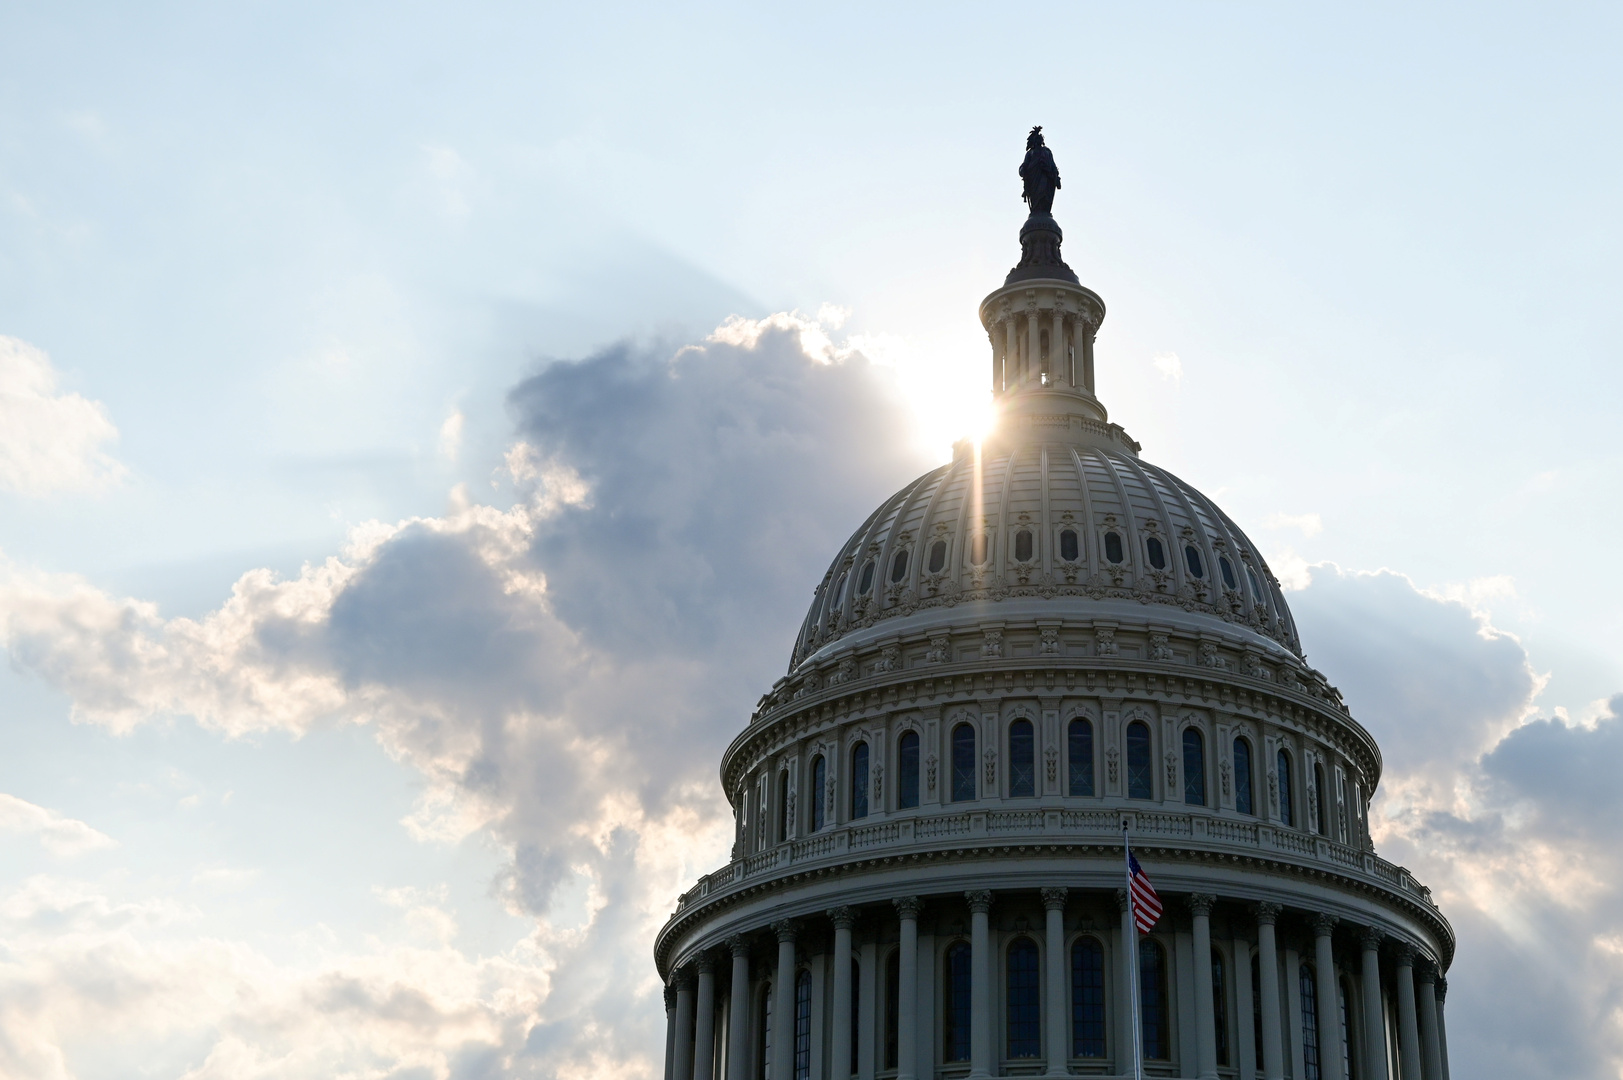 الكونغرس الأمريكي قد يخصص 3.8 مليار دولار إضافية  لـ